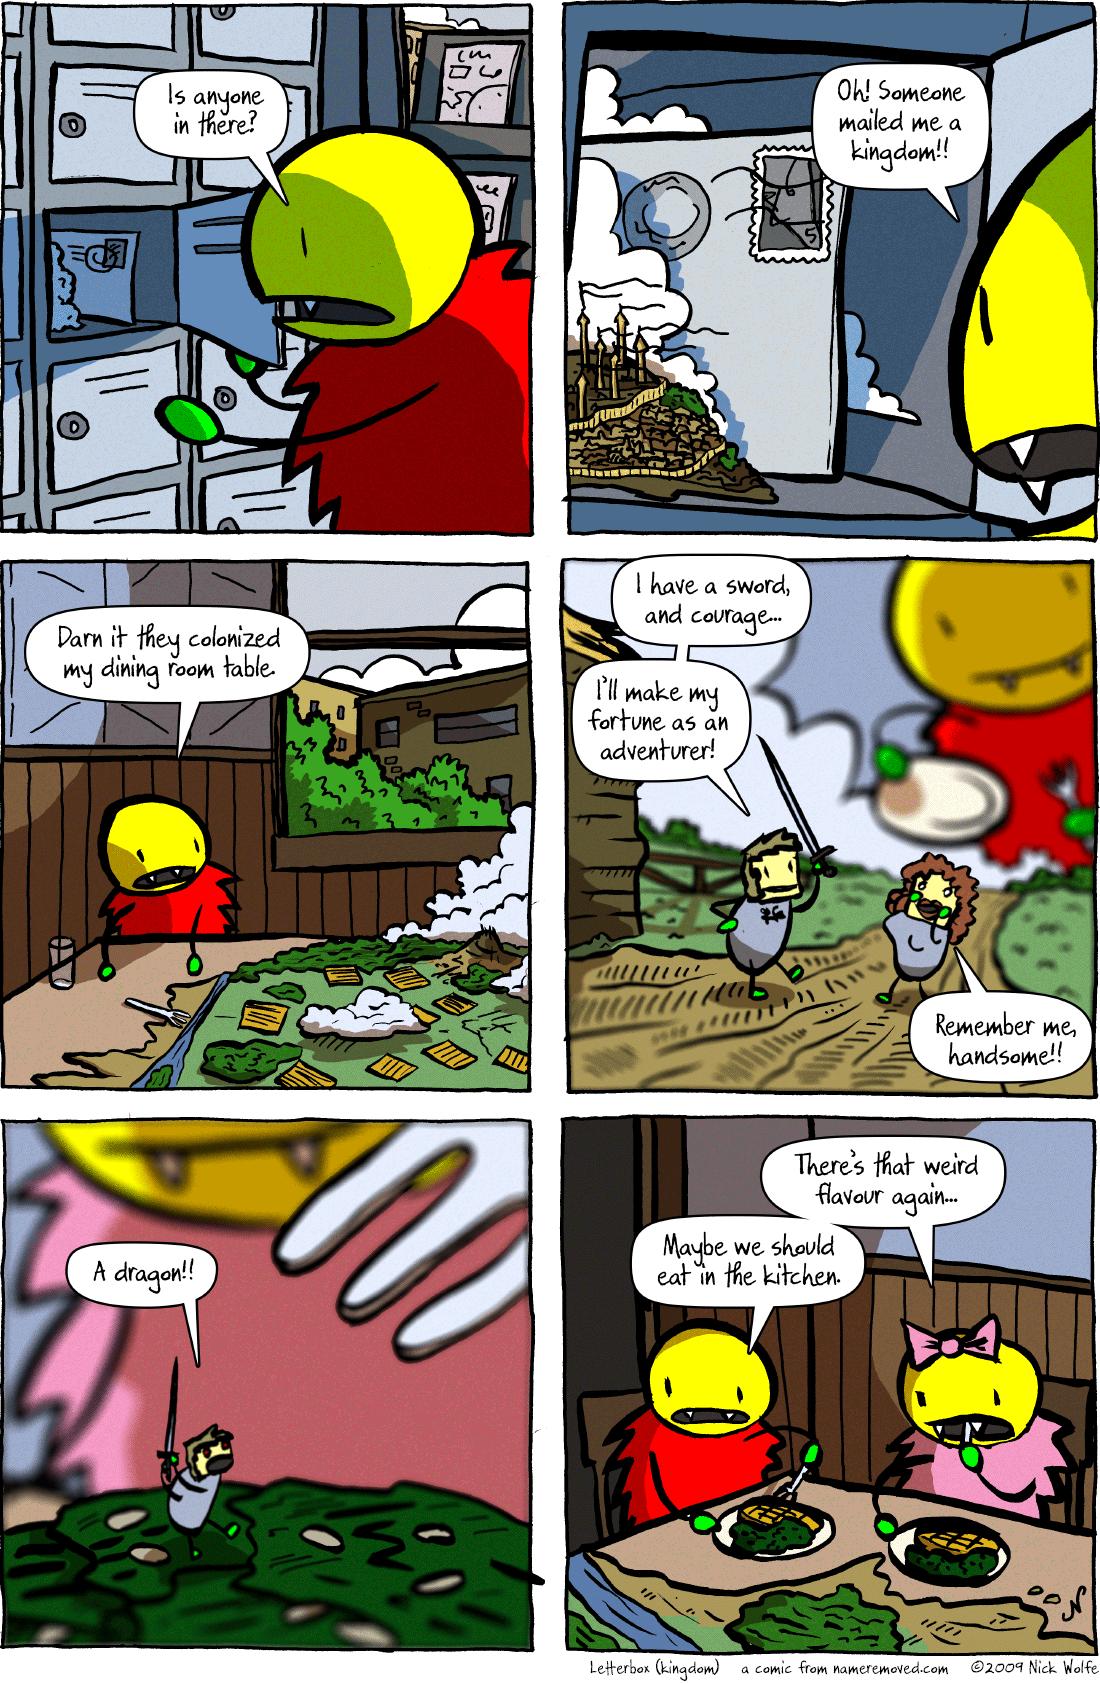 Letterbox (kingdom)